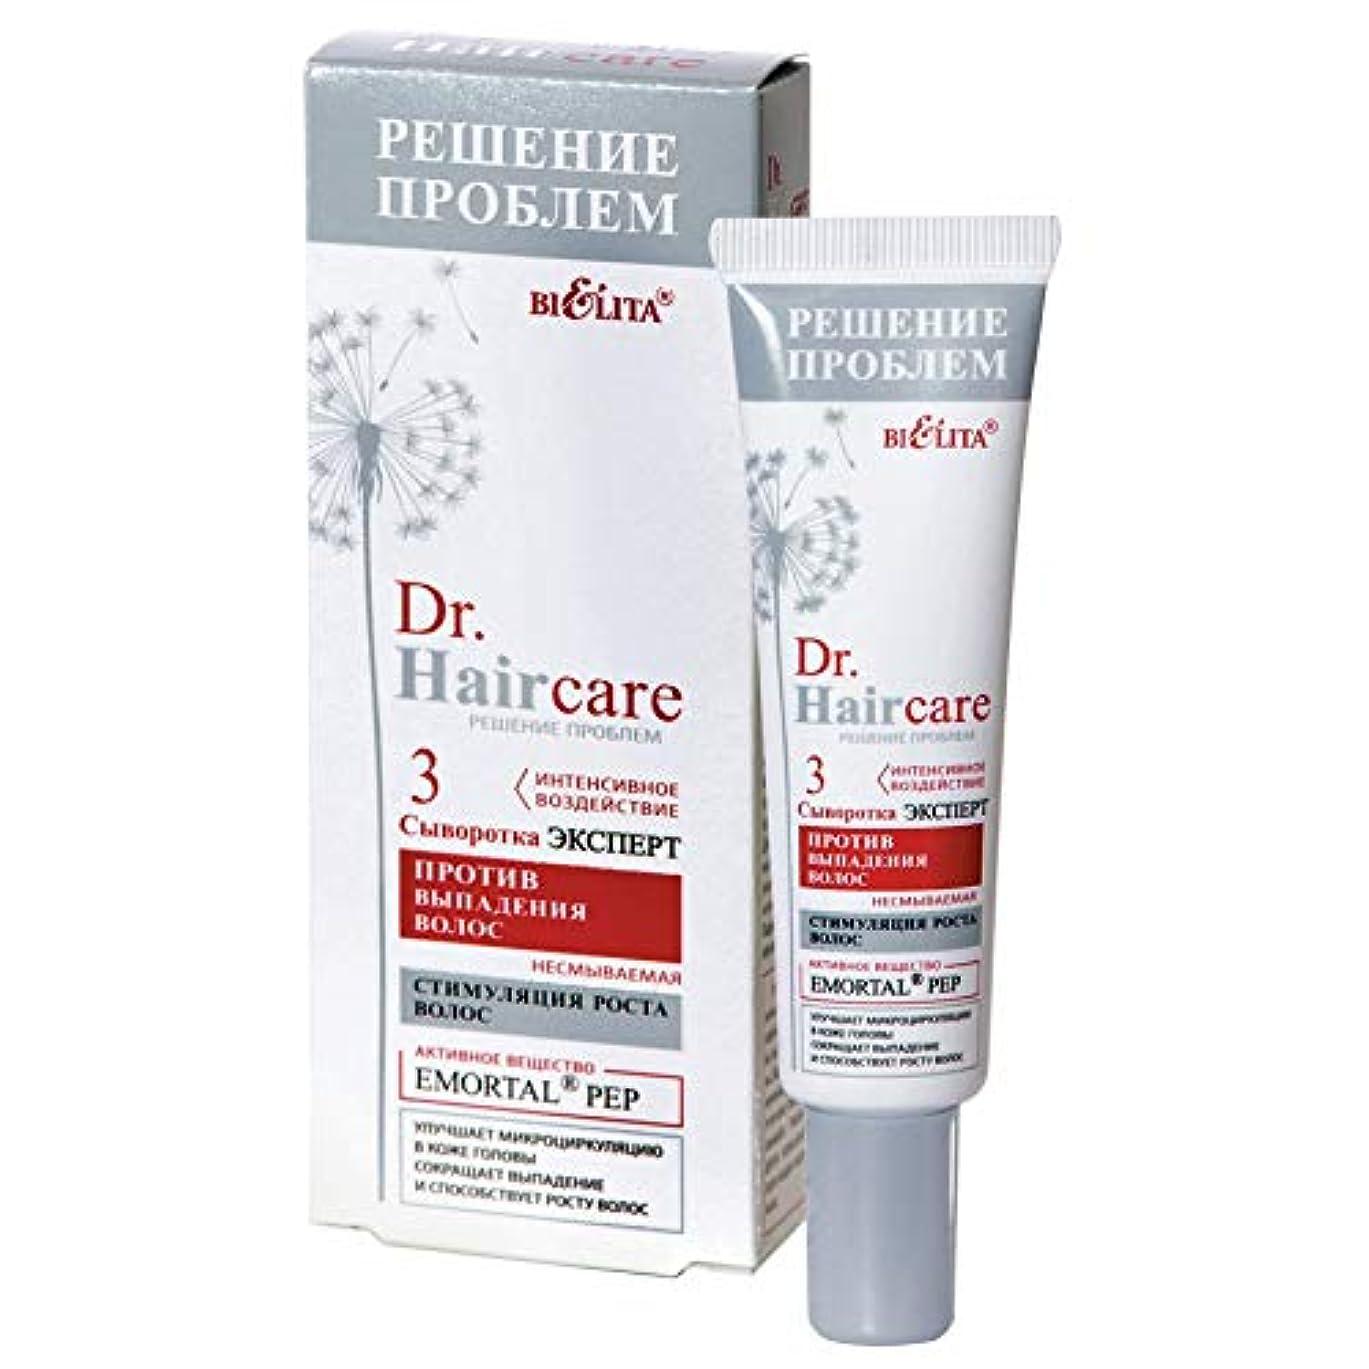 Bielita & Vitex | Serum for Hair Loss | Dr. Hair care | EXPERT for Hair Loss | 30 ml